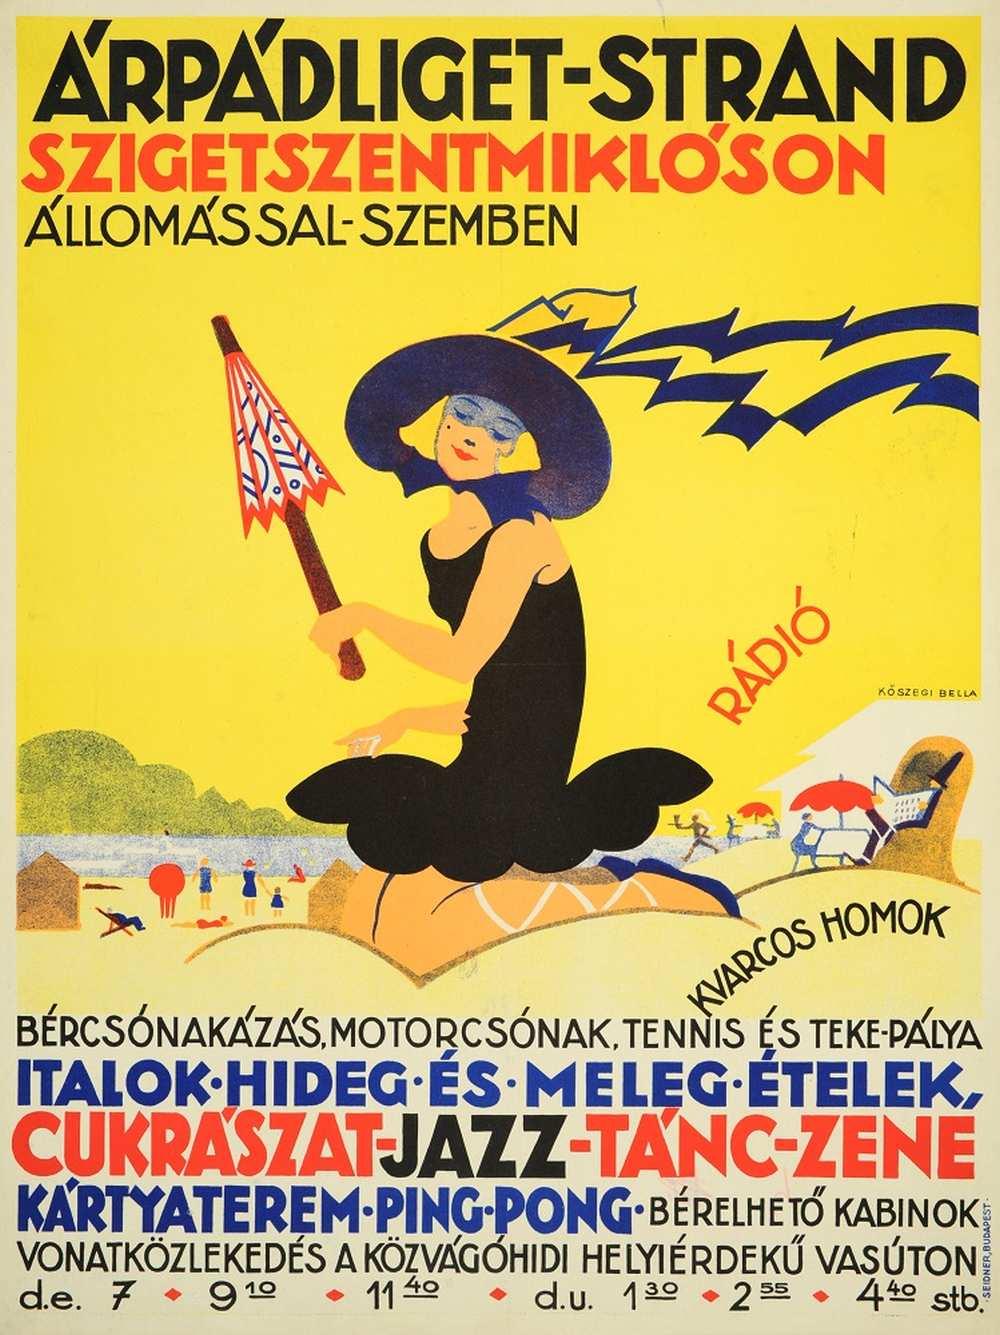 Kőszegi Bella: Árpádliget-strand Szigetszentmiklóson (1928) – Térkép-, Plakát- és Kisnyomtatványtár. Jelzet: PKG.1928/228 http://nektar.oszk.hu/hu/manifestation/2787219